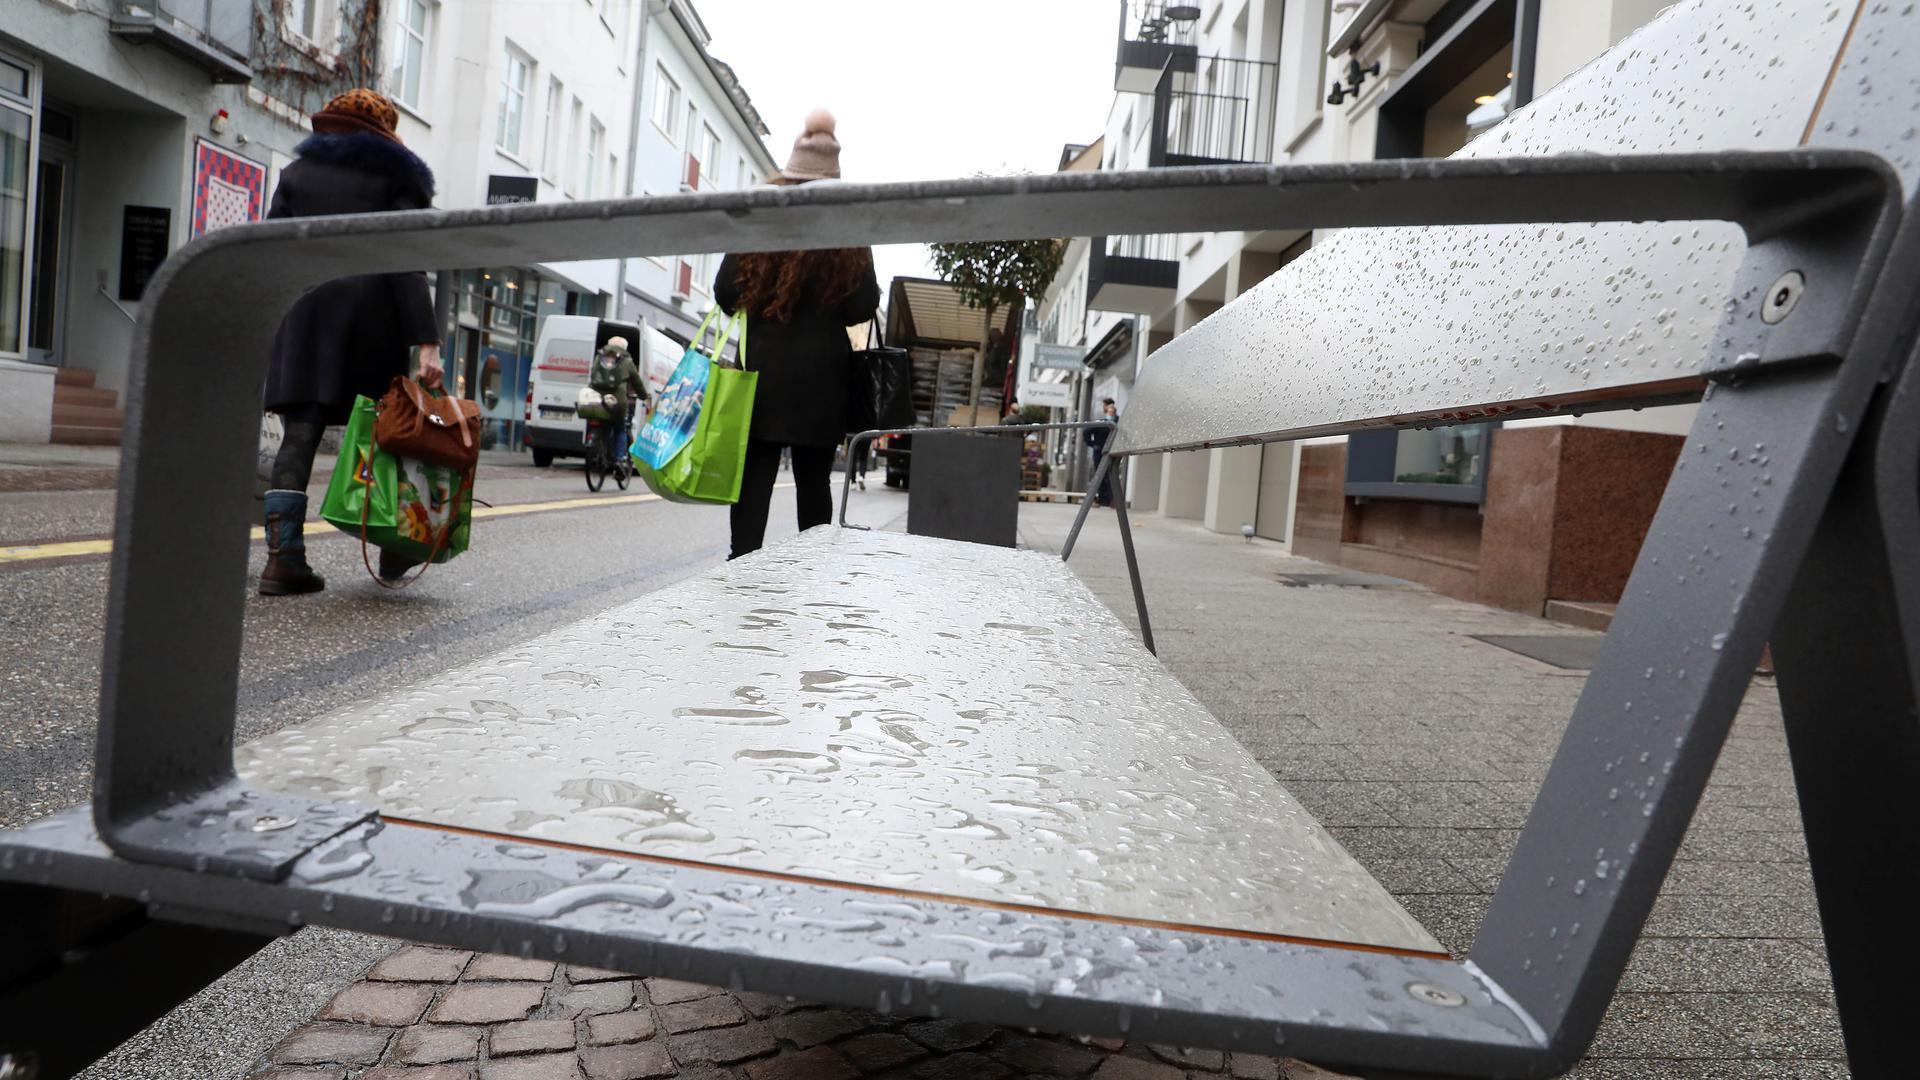 Karlsruhe strassen strich Strassenstrich karlsruhe